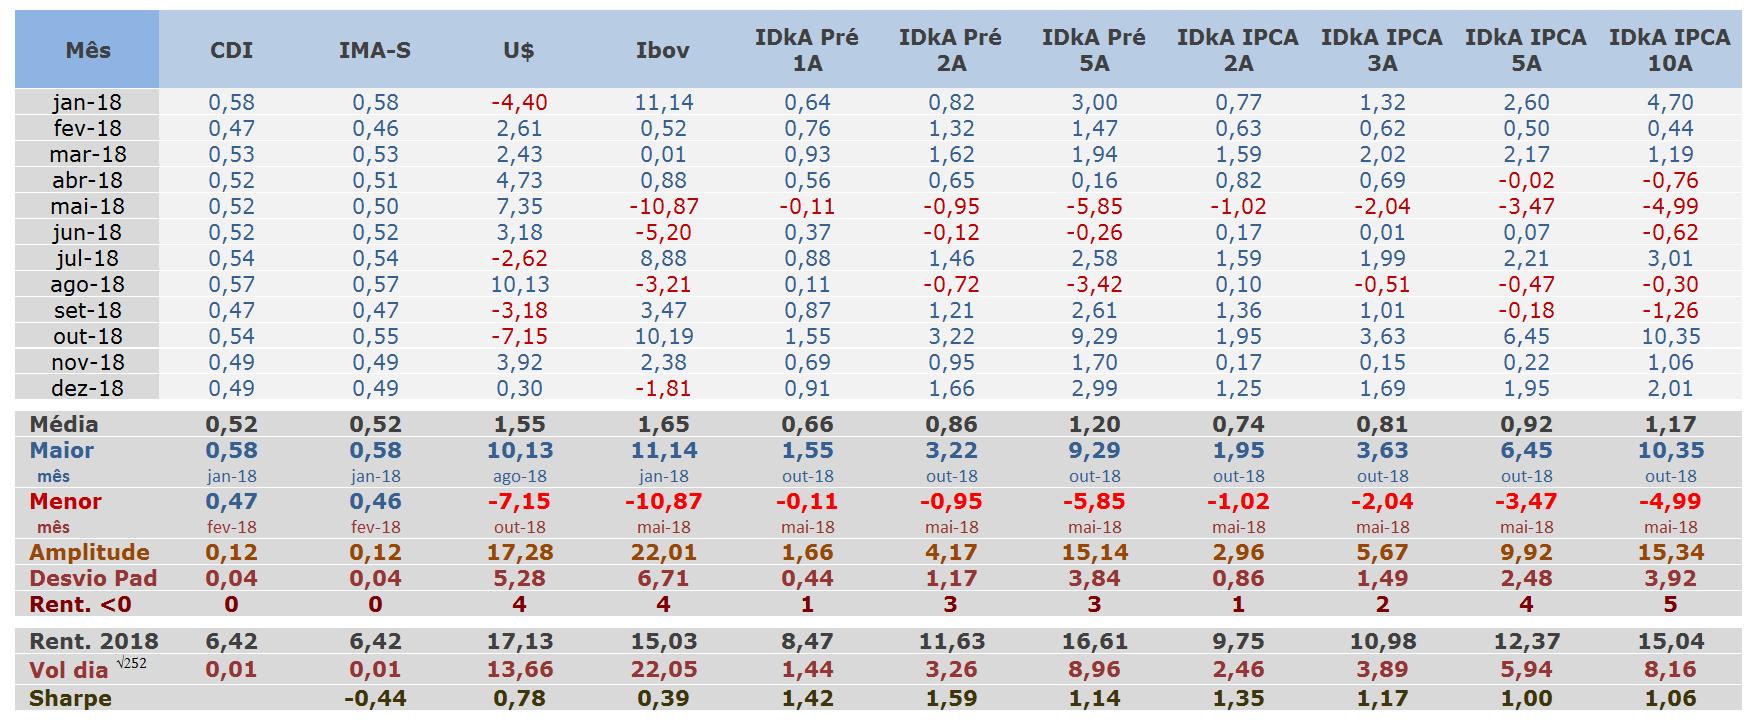 Tabela Rentabilidades Mensal de Renda Fixa 2018 índices idka da anbima